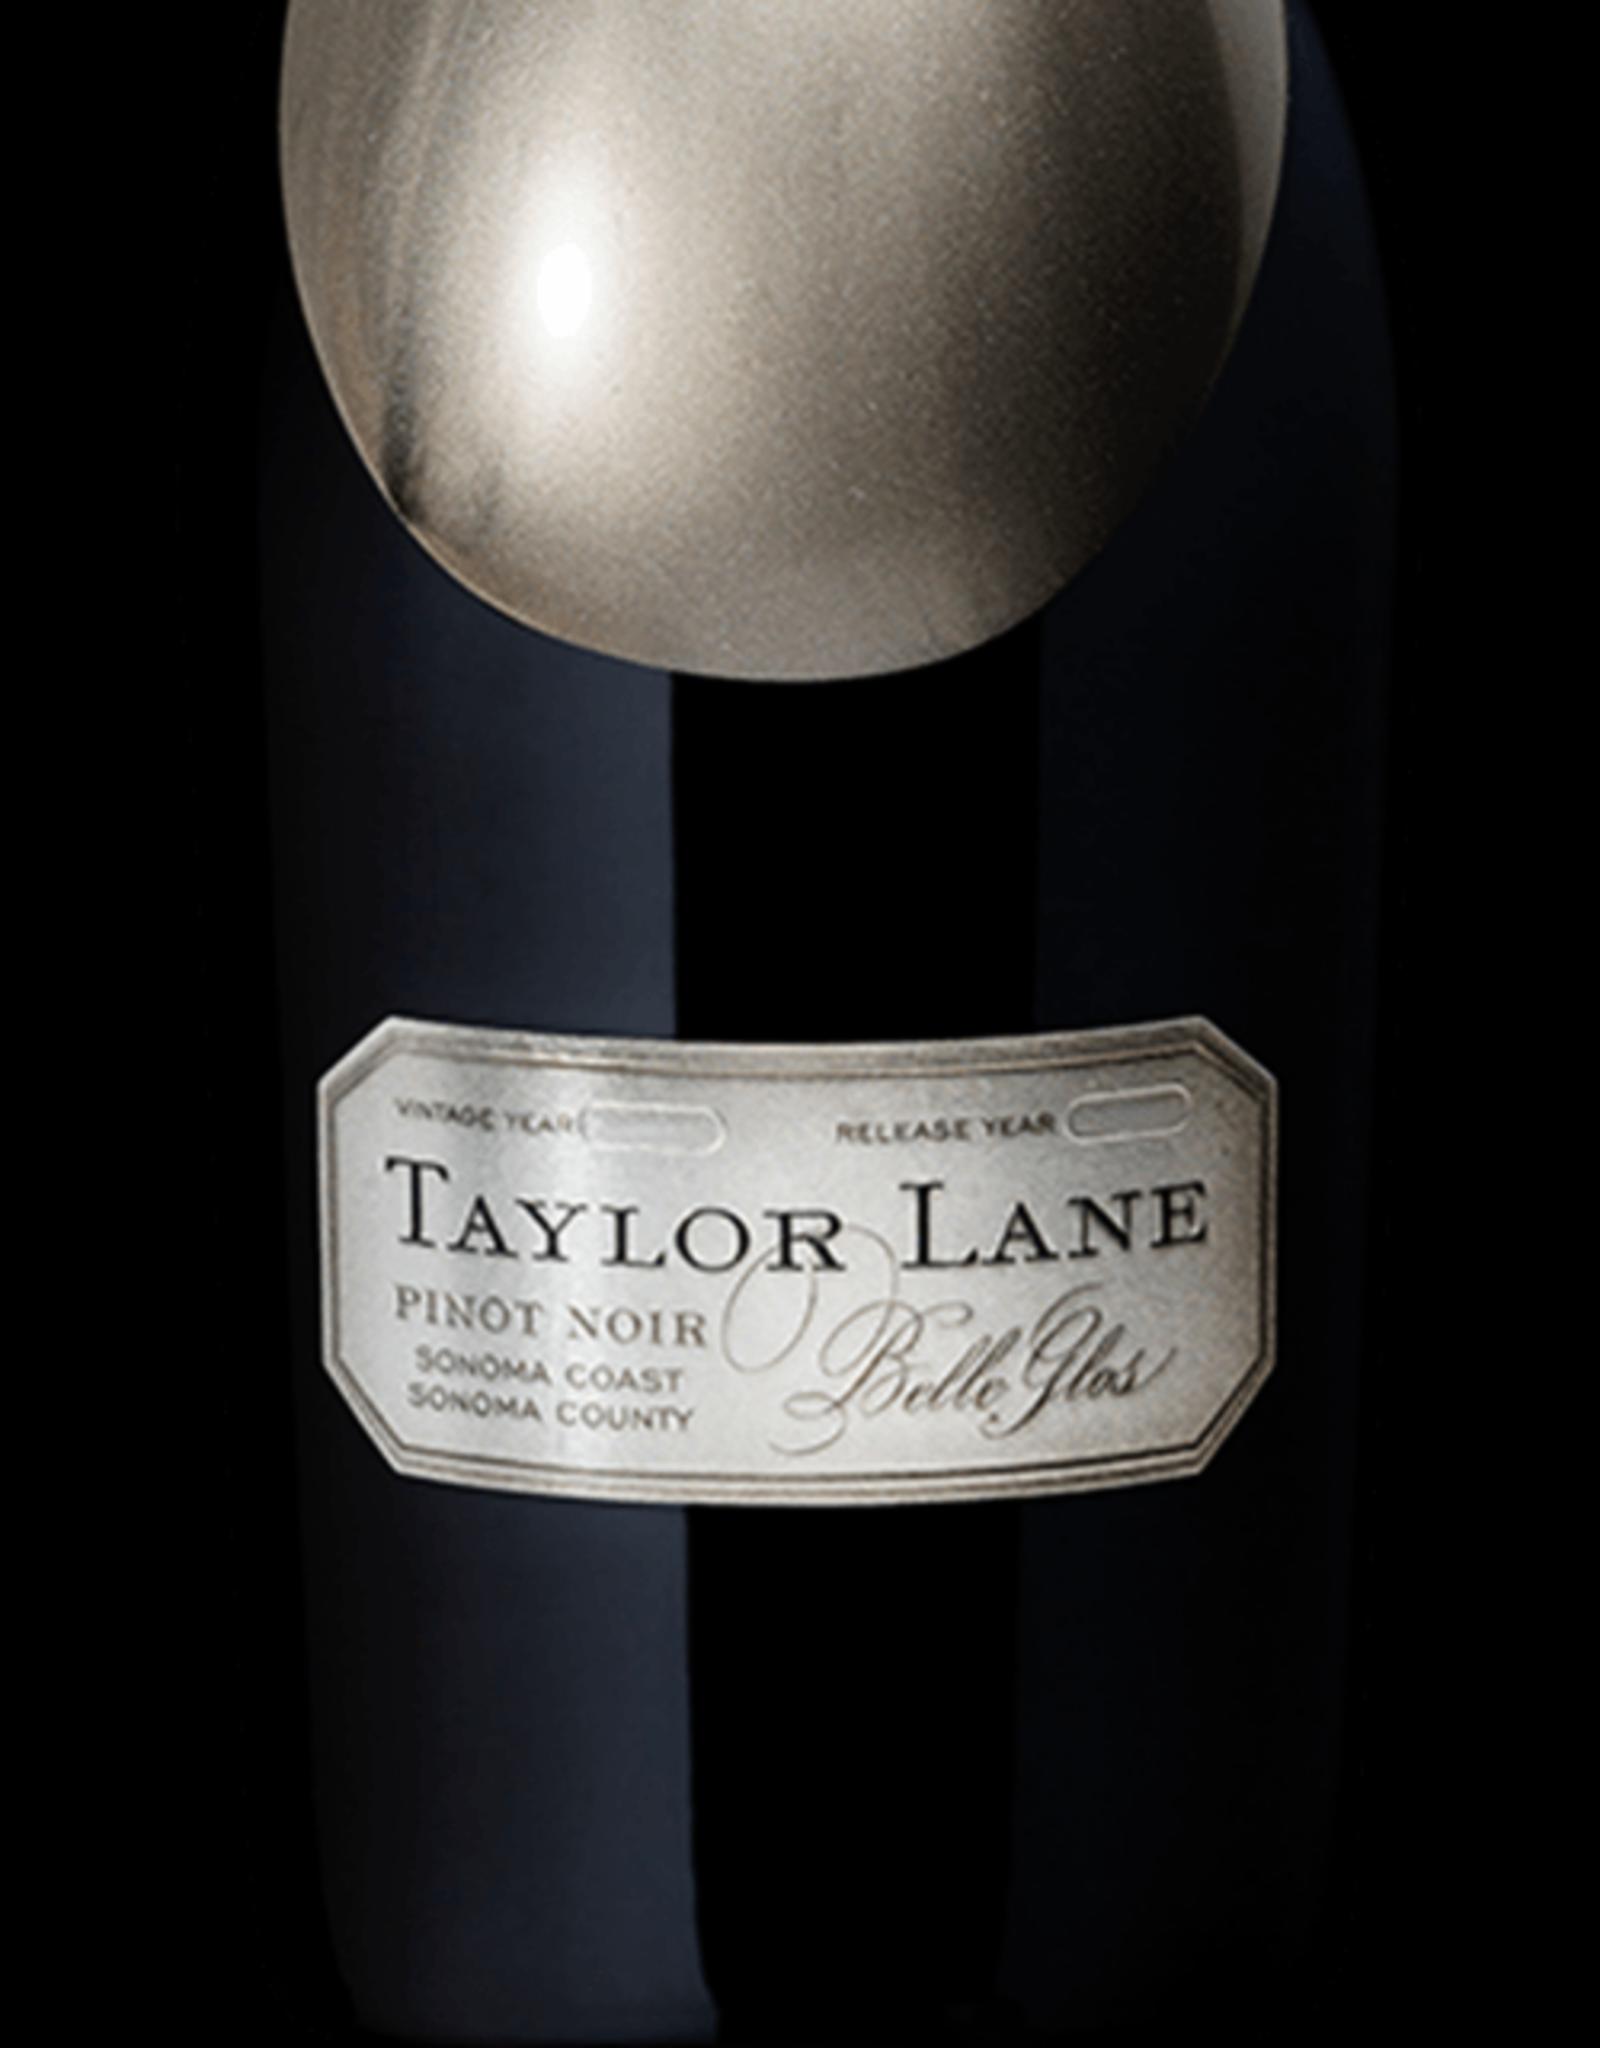 Belle Glos Taylor Lane Pinot Noir 2011 1.5 L